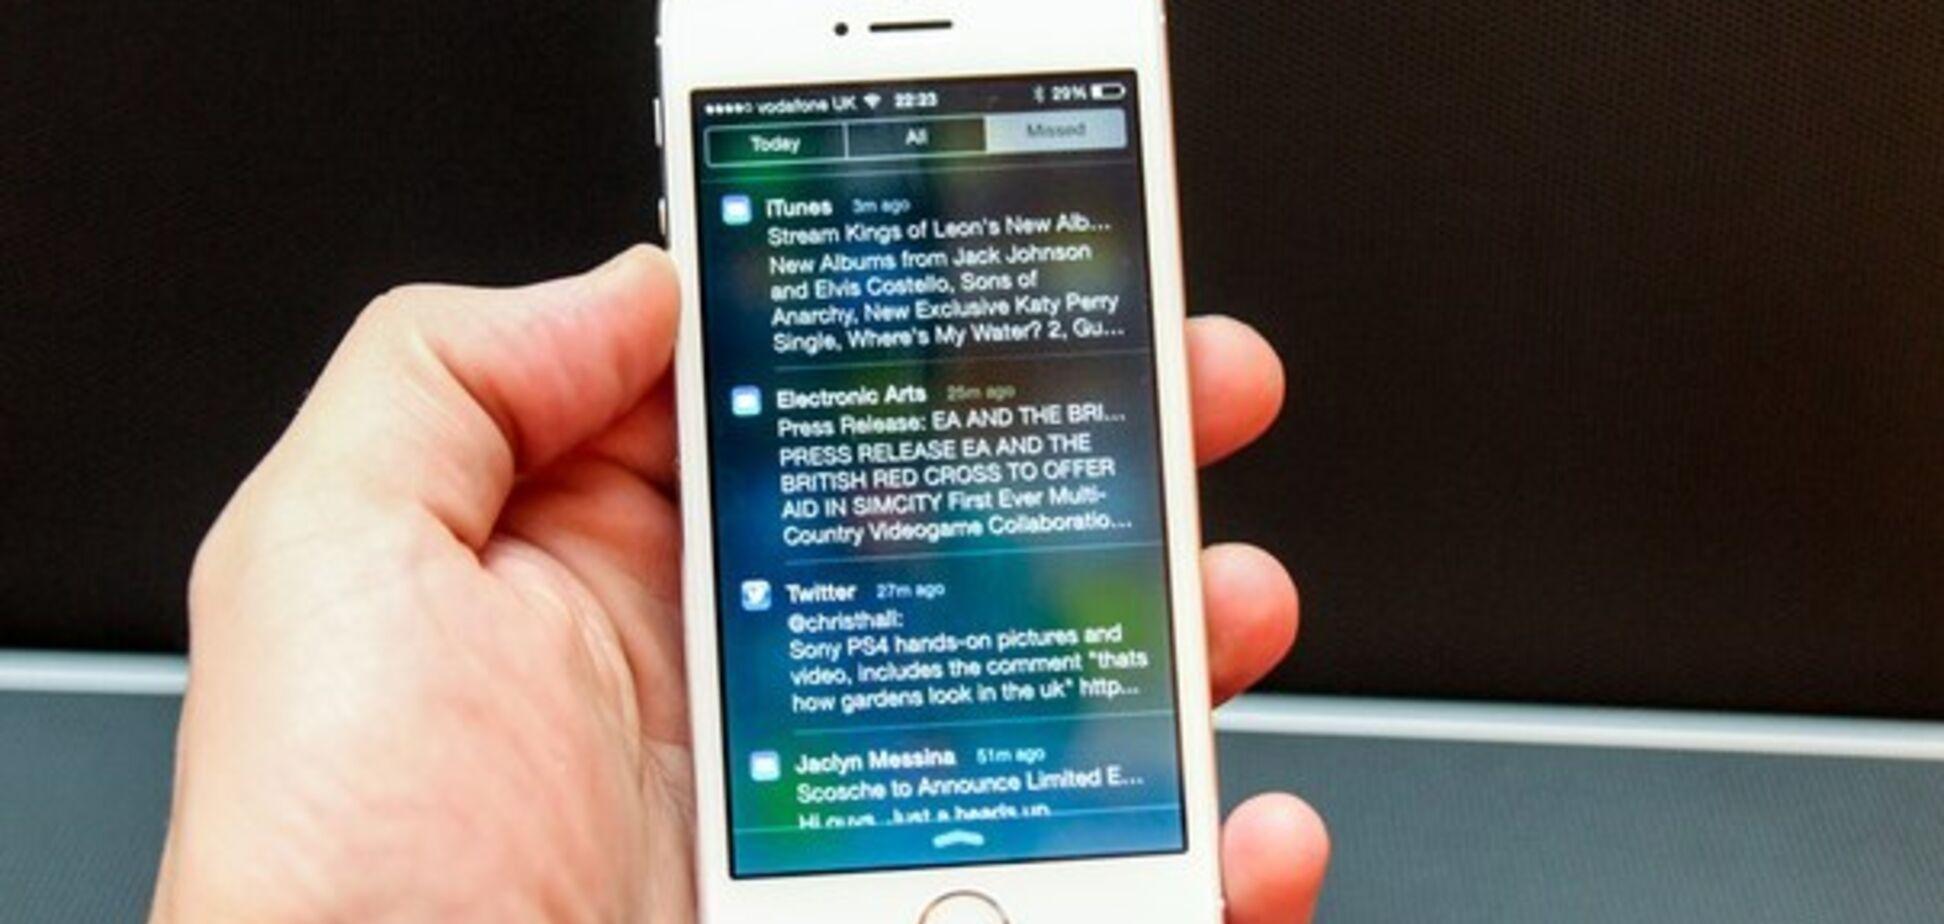 'Станет бесполезным кирпичом!' В Apple рассказали, что грозит владельцам iPhone 5